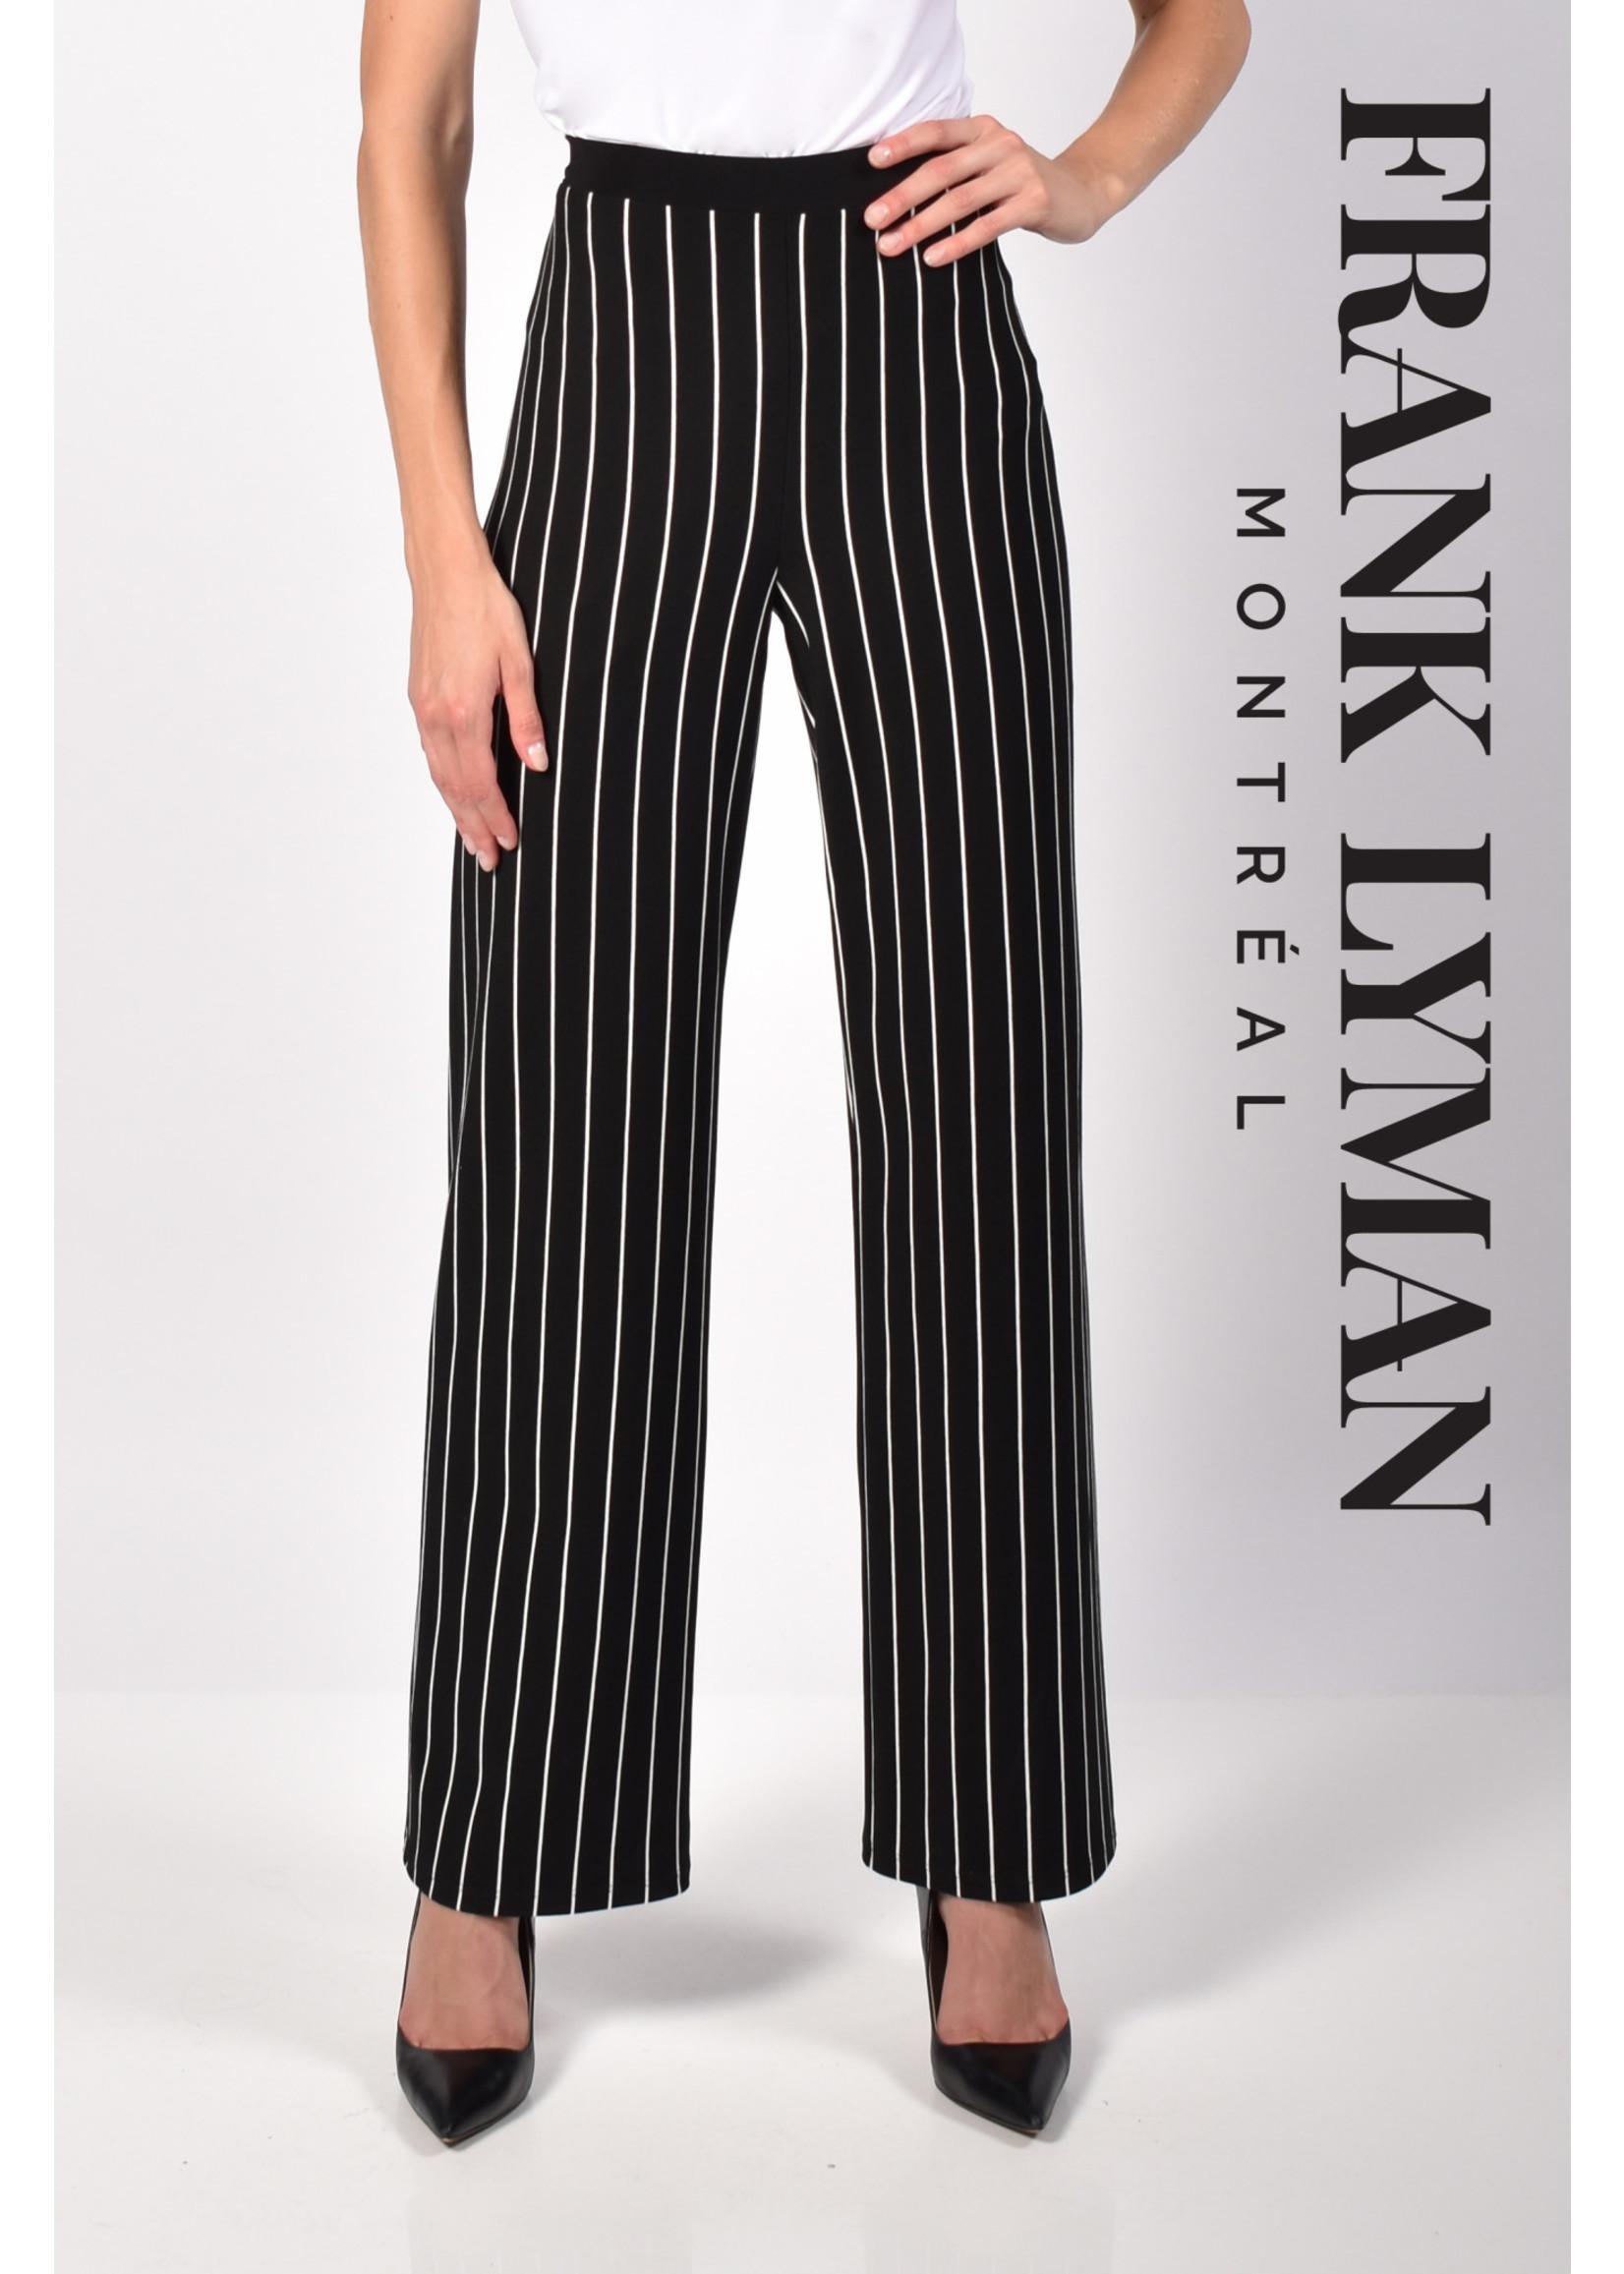 Frank Lyman Black / Offwhite Knit Pant